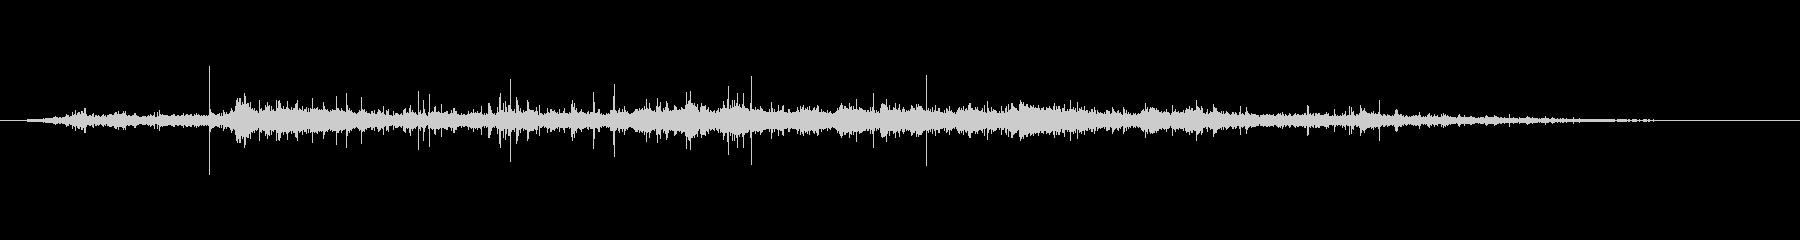 植生 木小葉ラッスルミディアム01の未再生の波形